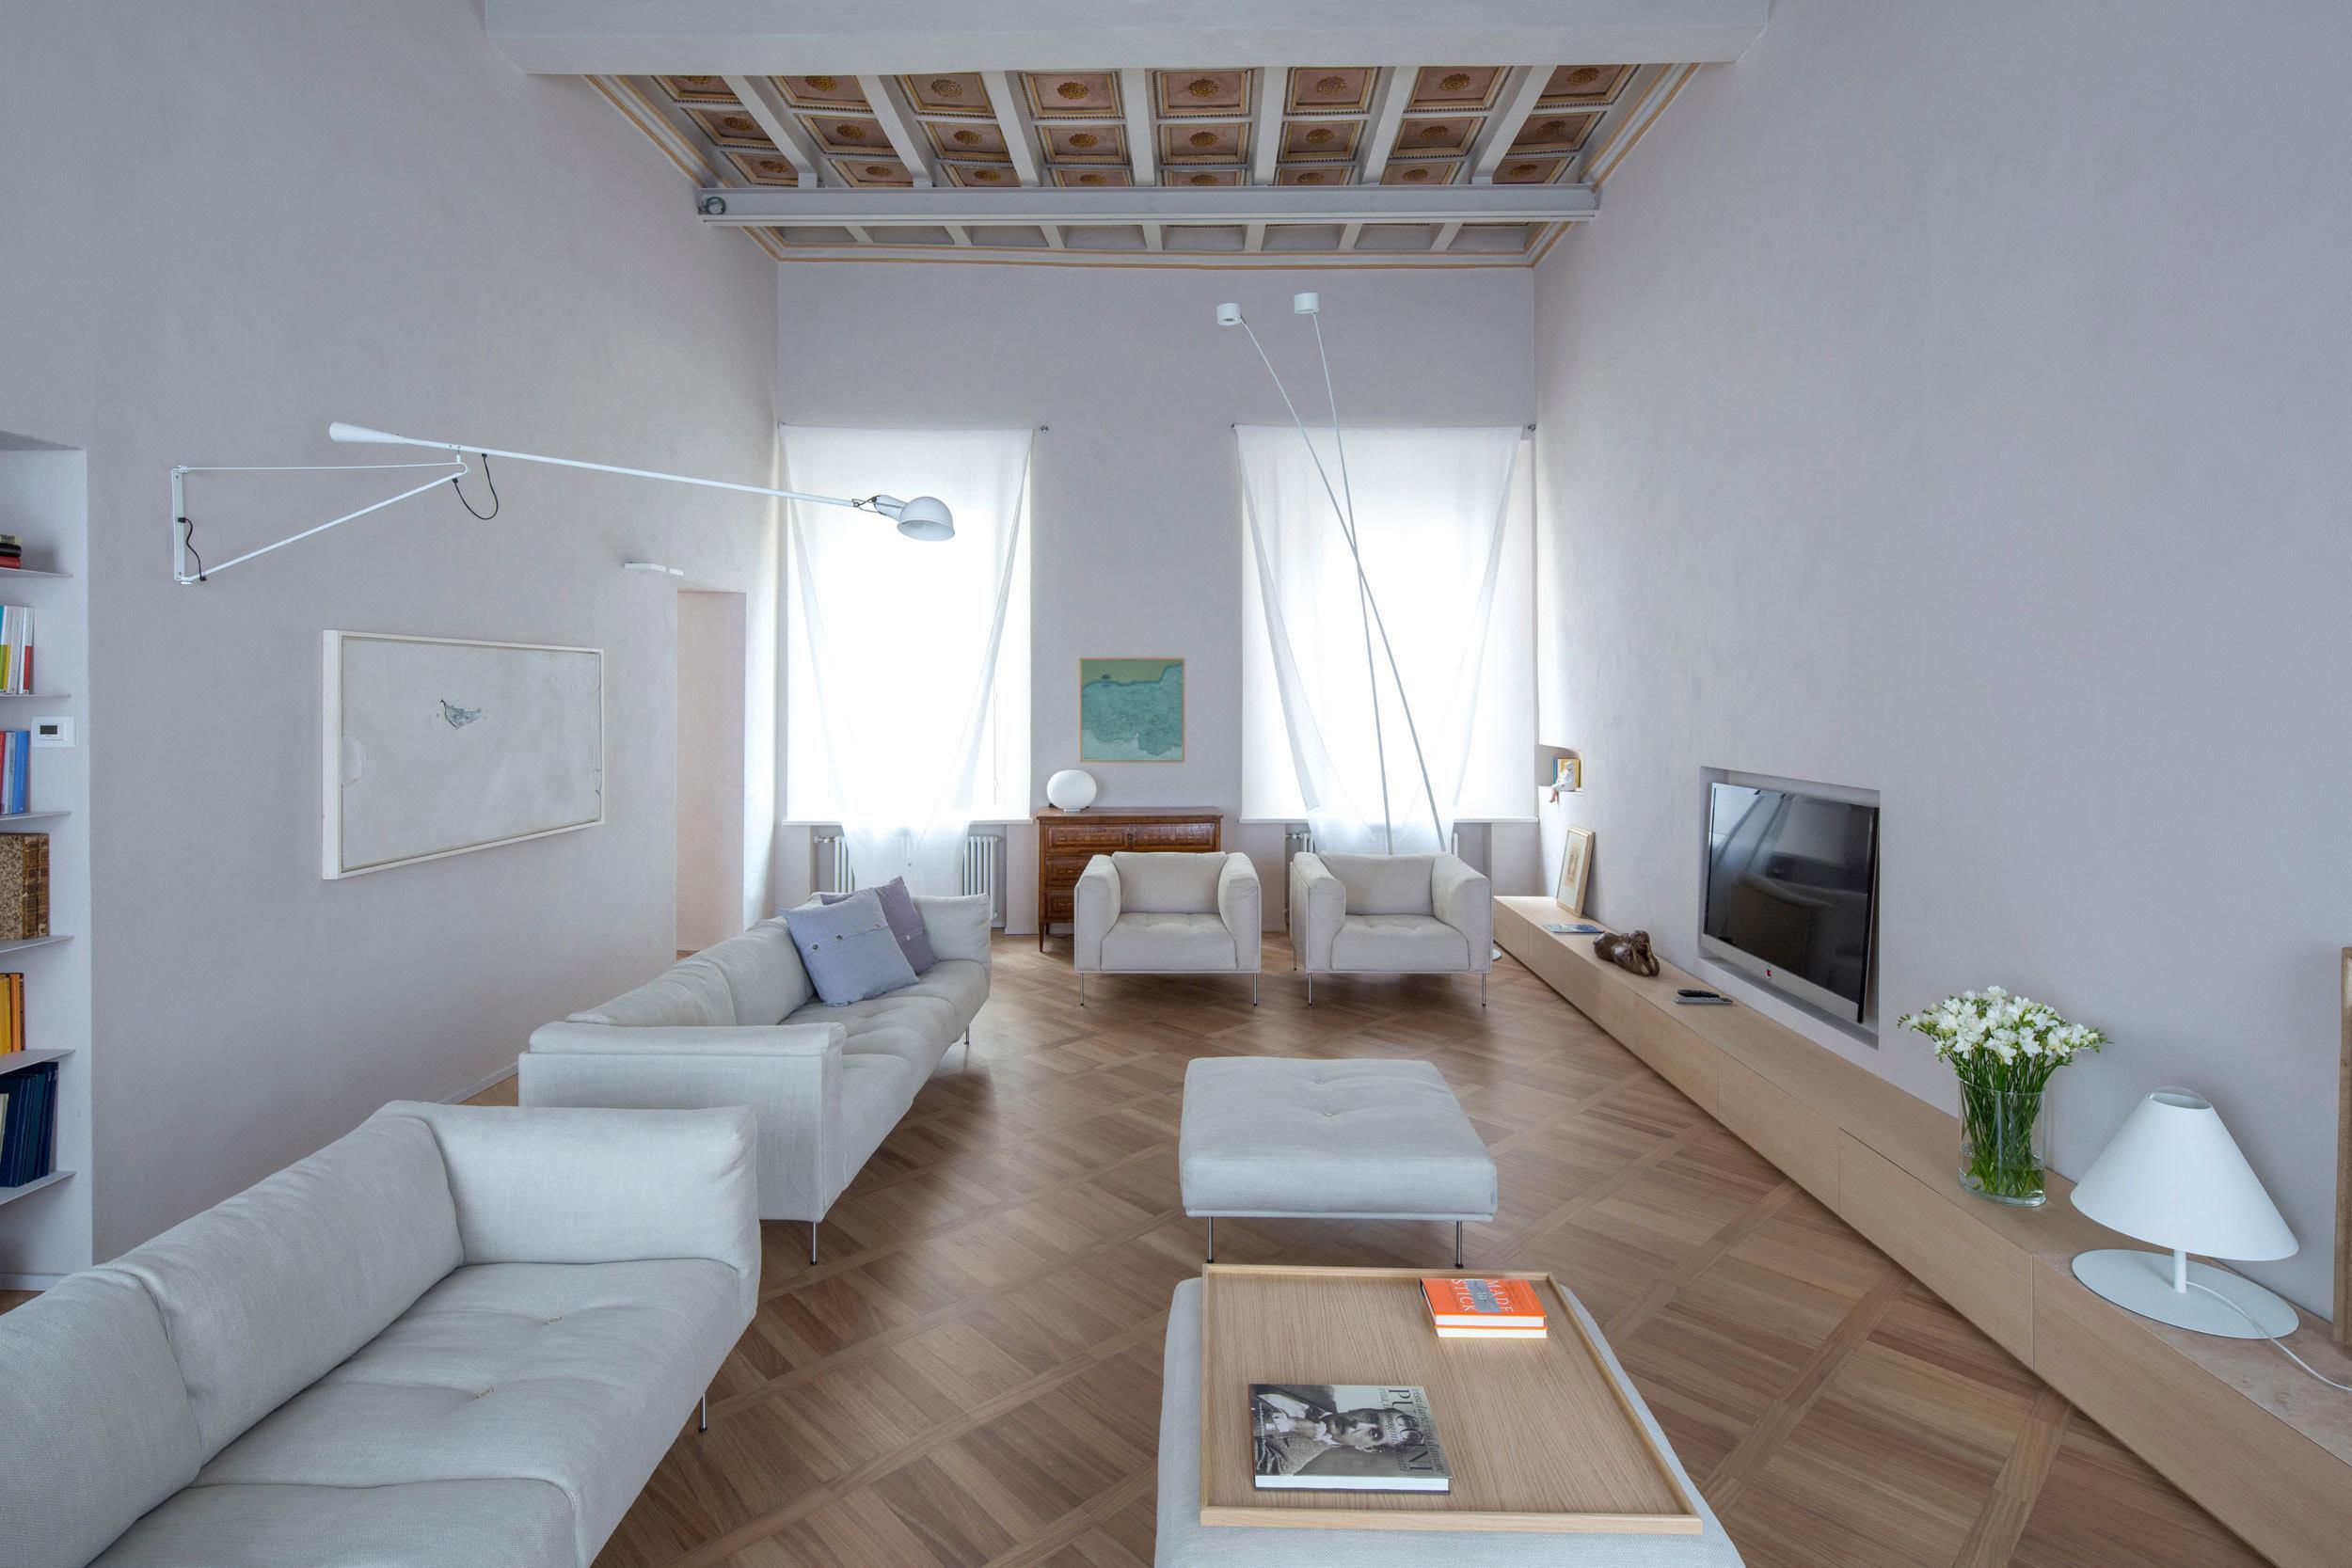 一室一厅装修图片_生活的美好